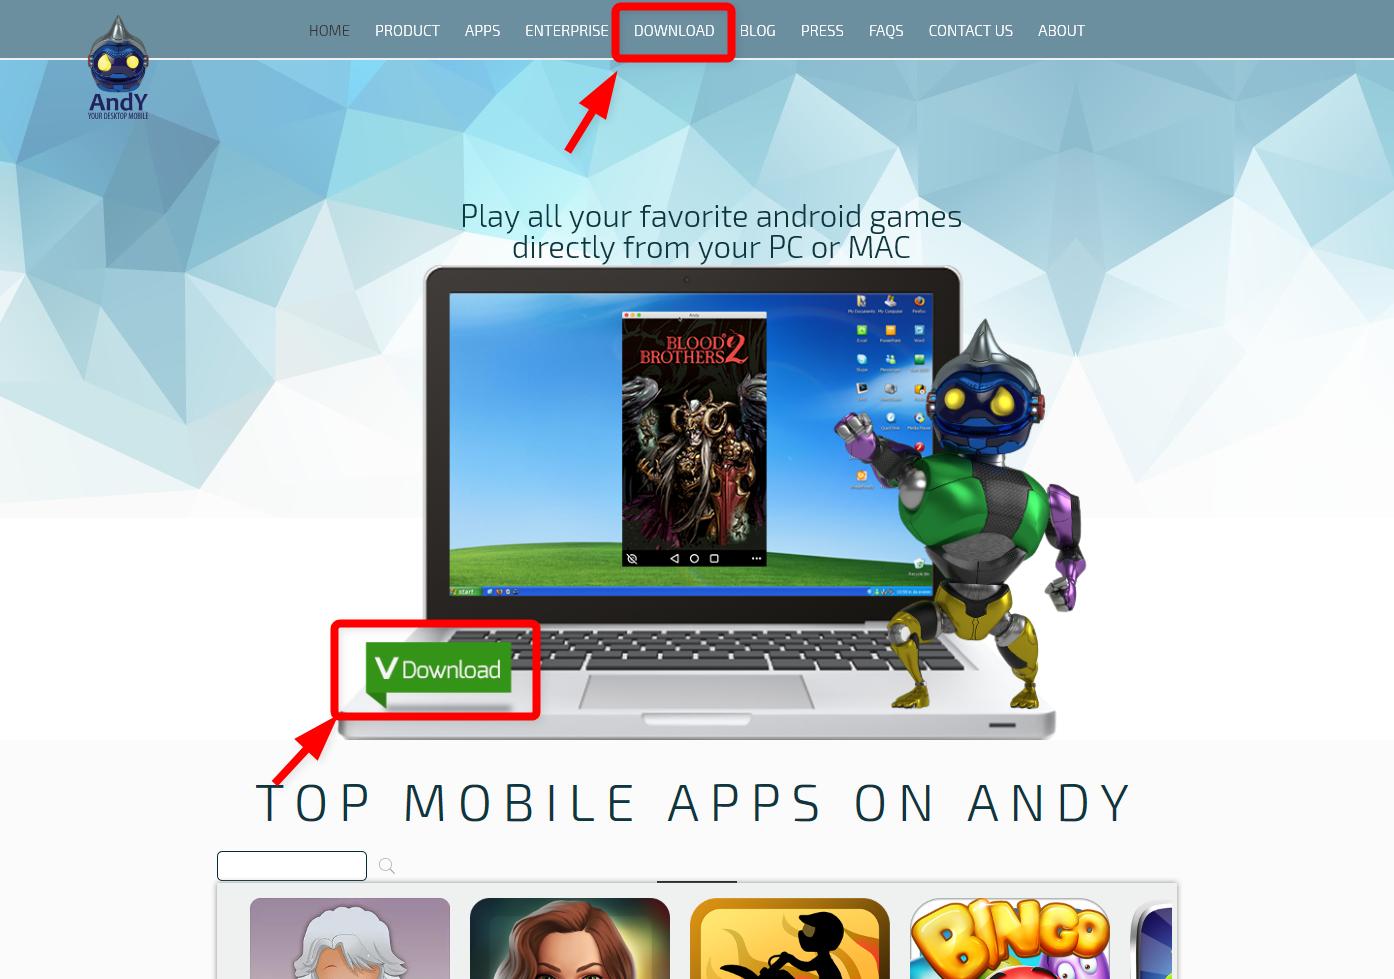 androidエミュレーター「andy」のインストール方法。無料でwindowsとmac